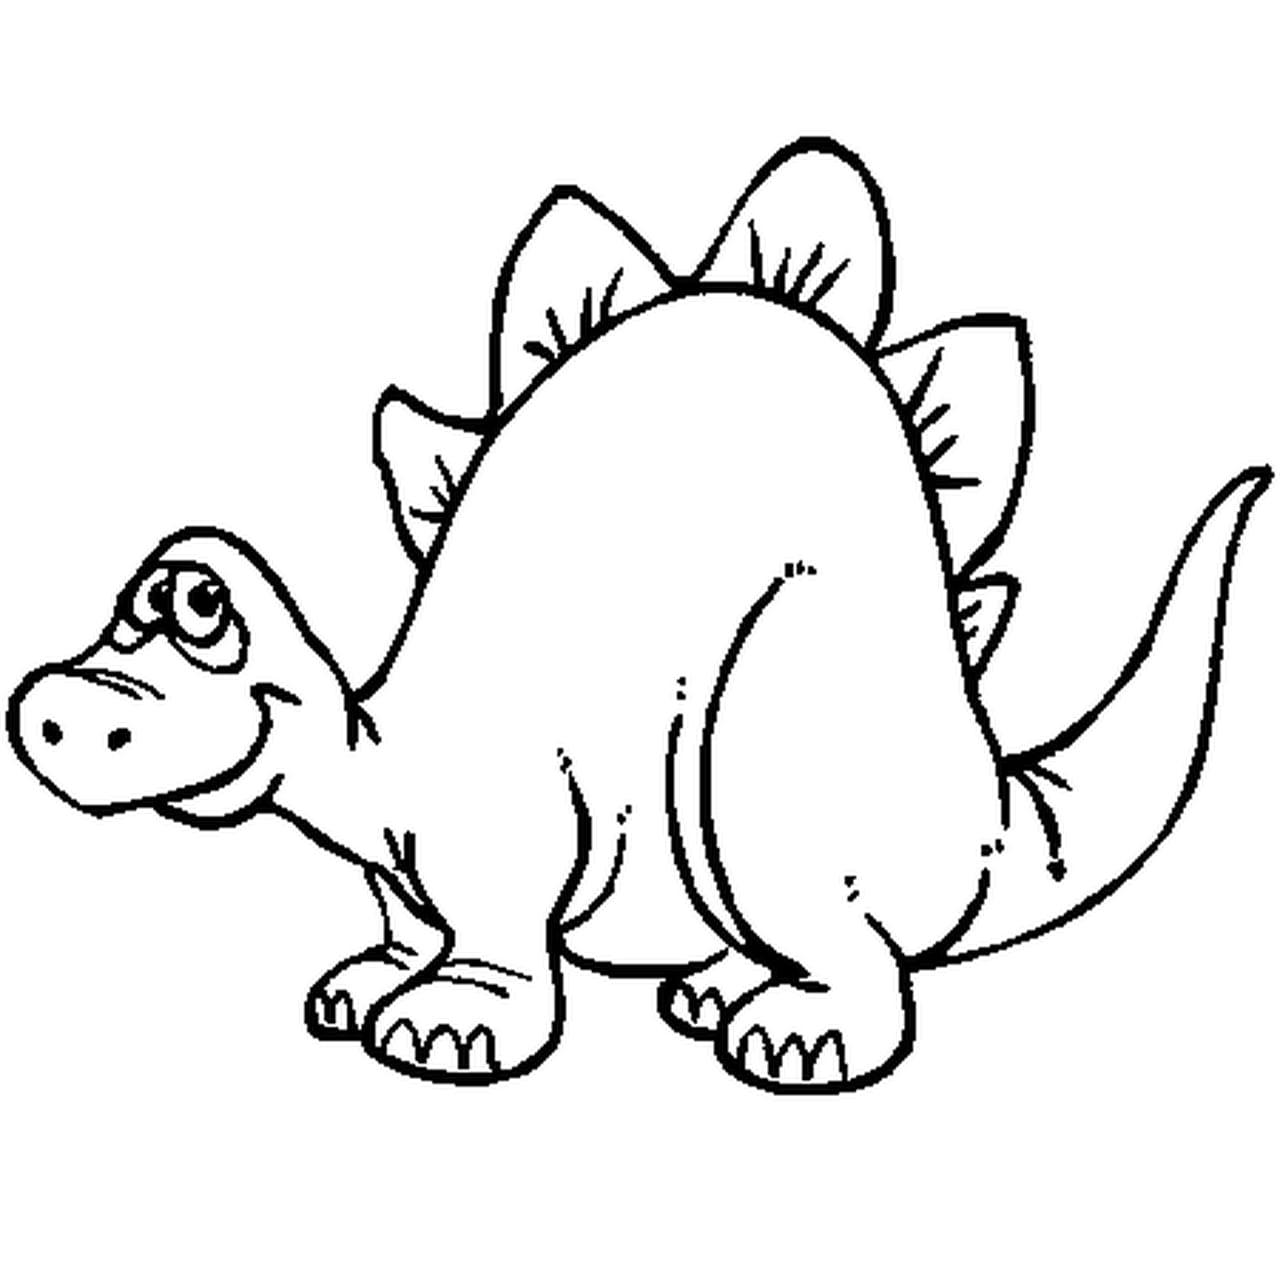 Coloriage Dinosaure Enfant En Ligne Gratuit à Imprimer